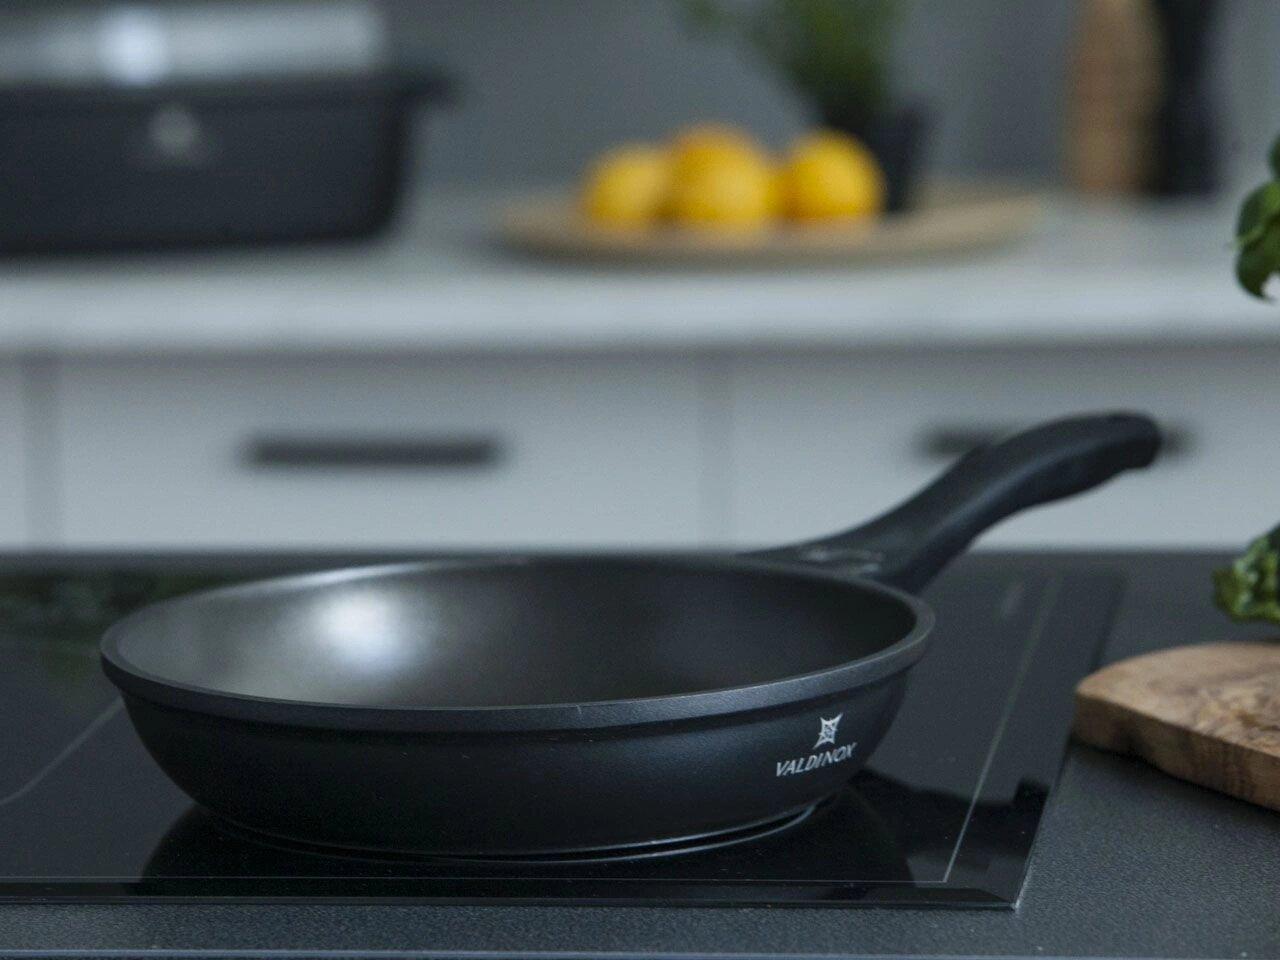 Фото тефлоновой сковороды на плите